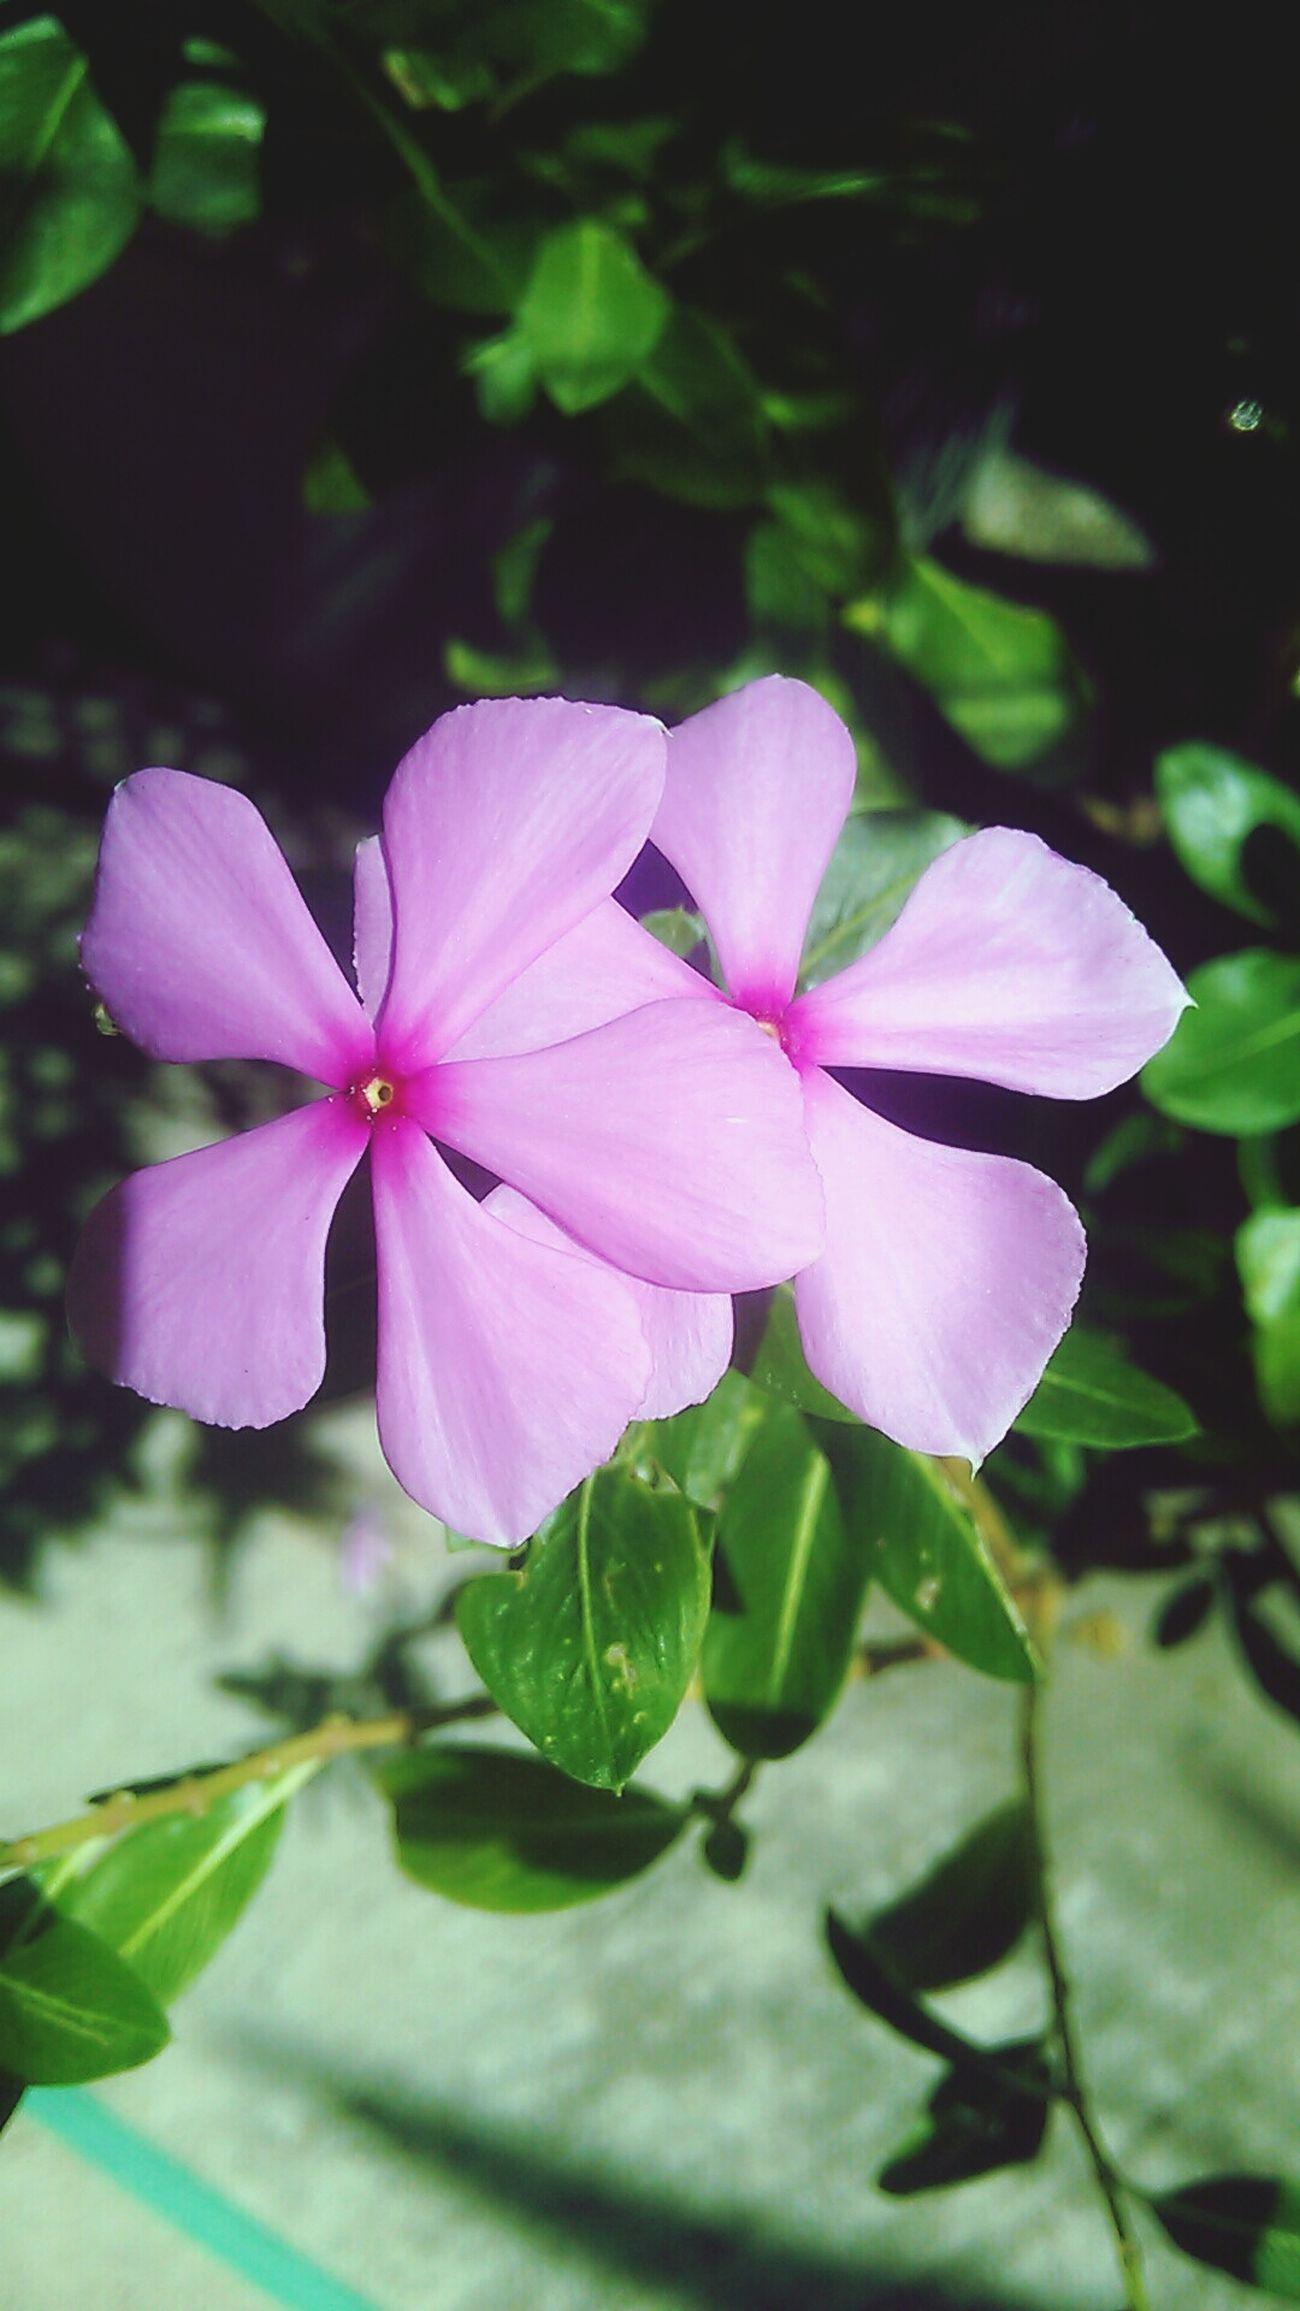 ดอกไม้ เธอชั่งสวยงดงามเหลือเกิน ถ้าอยู่......ตรงนั้น